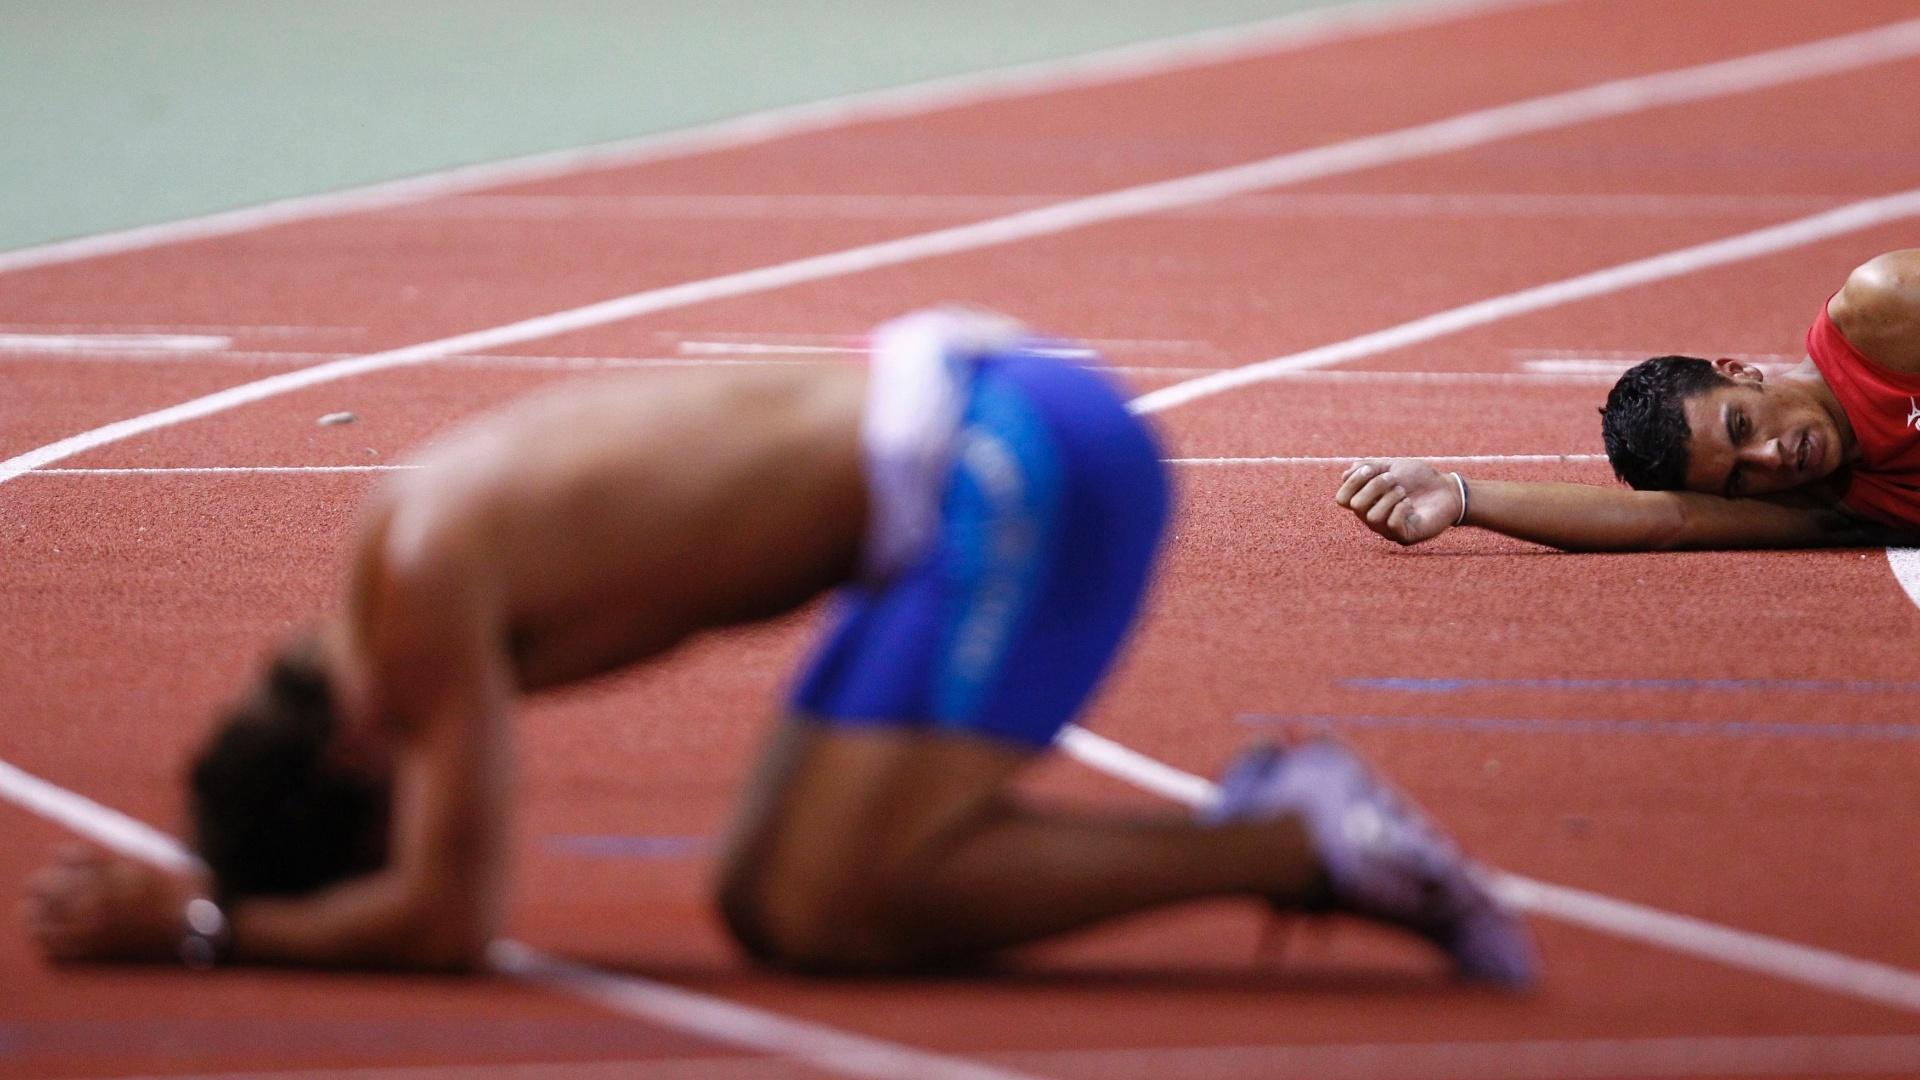 Argentino Roman Gastaldi e chileno Gonzalo Barroilhet caem no chão após a prova de 1500 m do decatlo (26/10/2011)